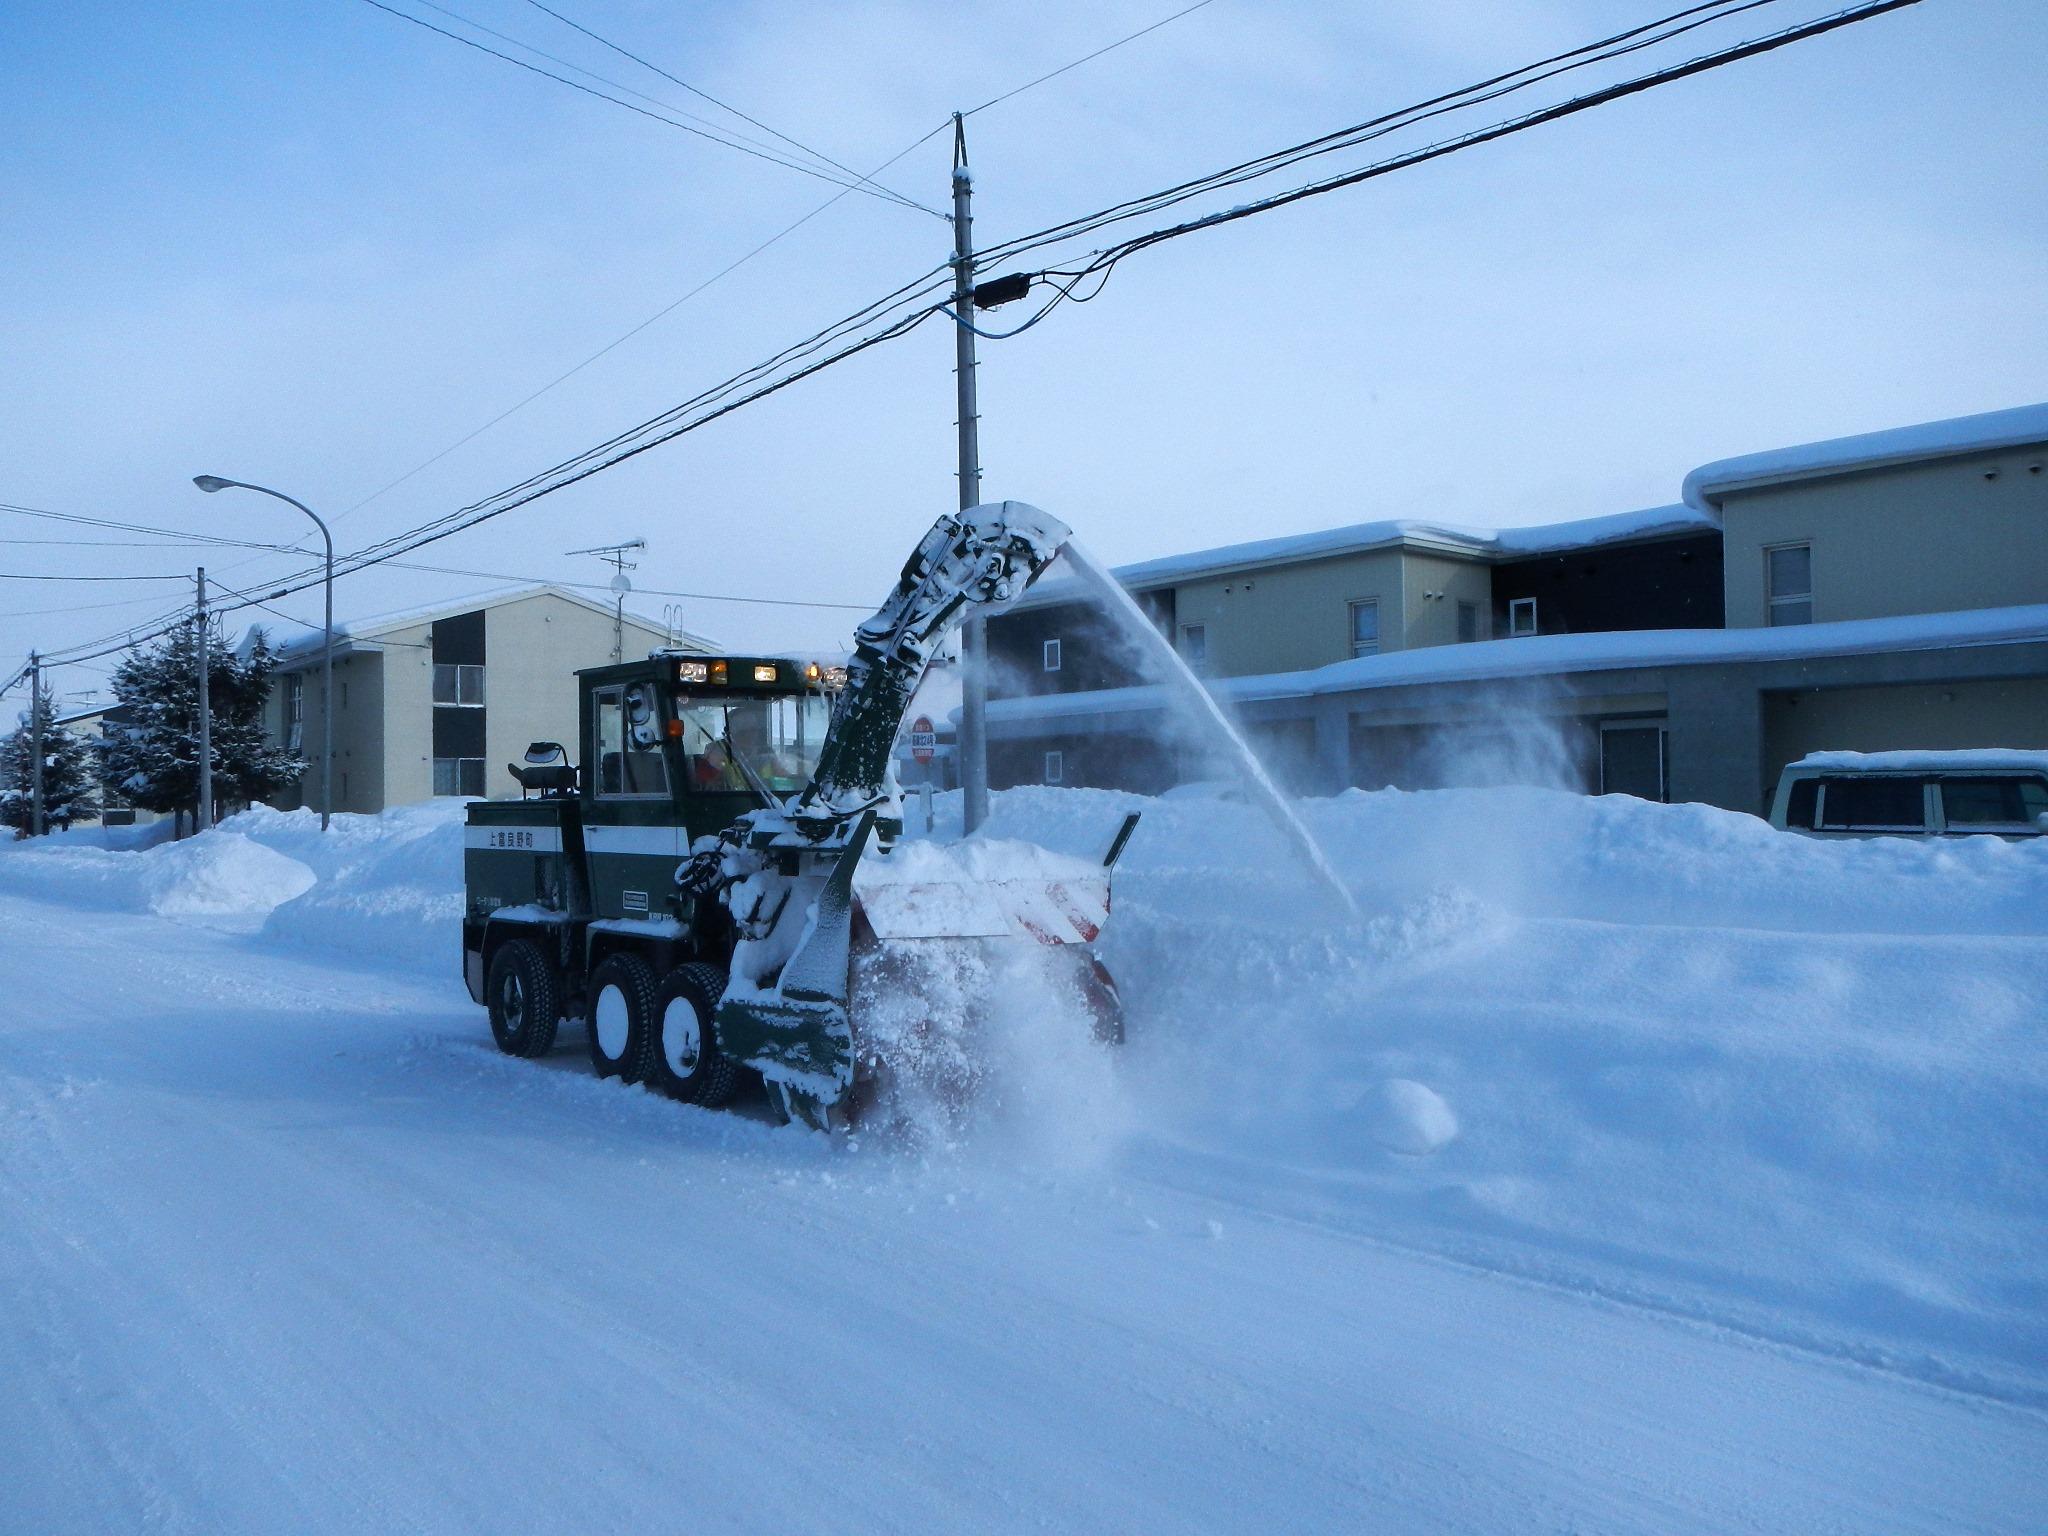 ロータリー車での除雪